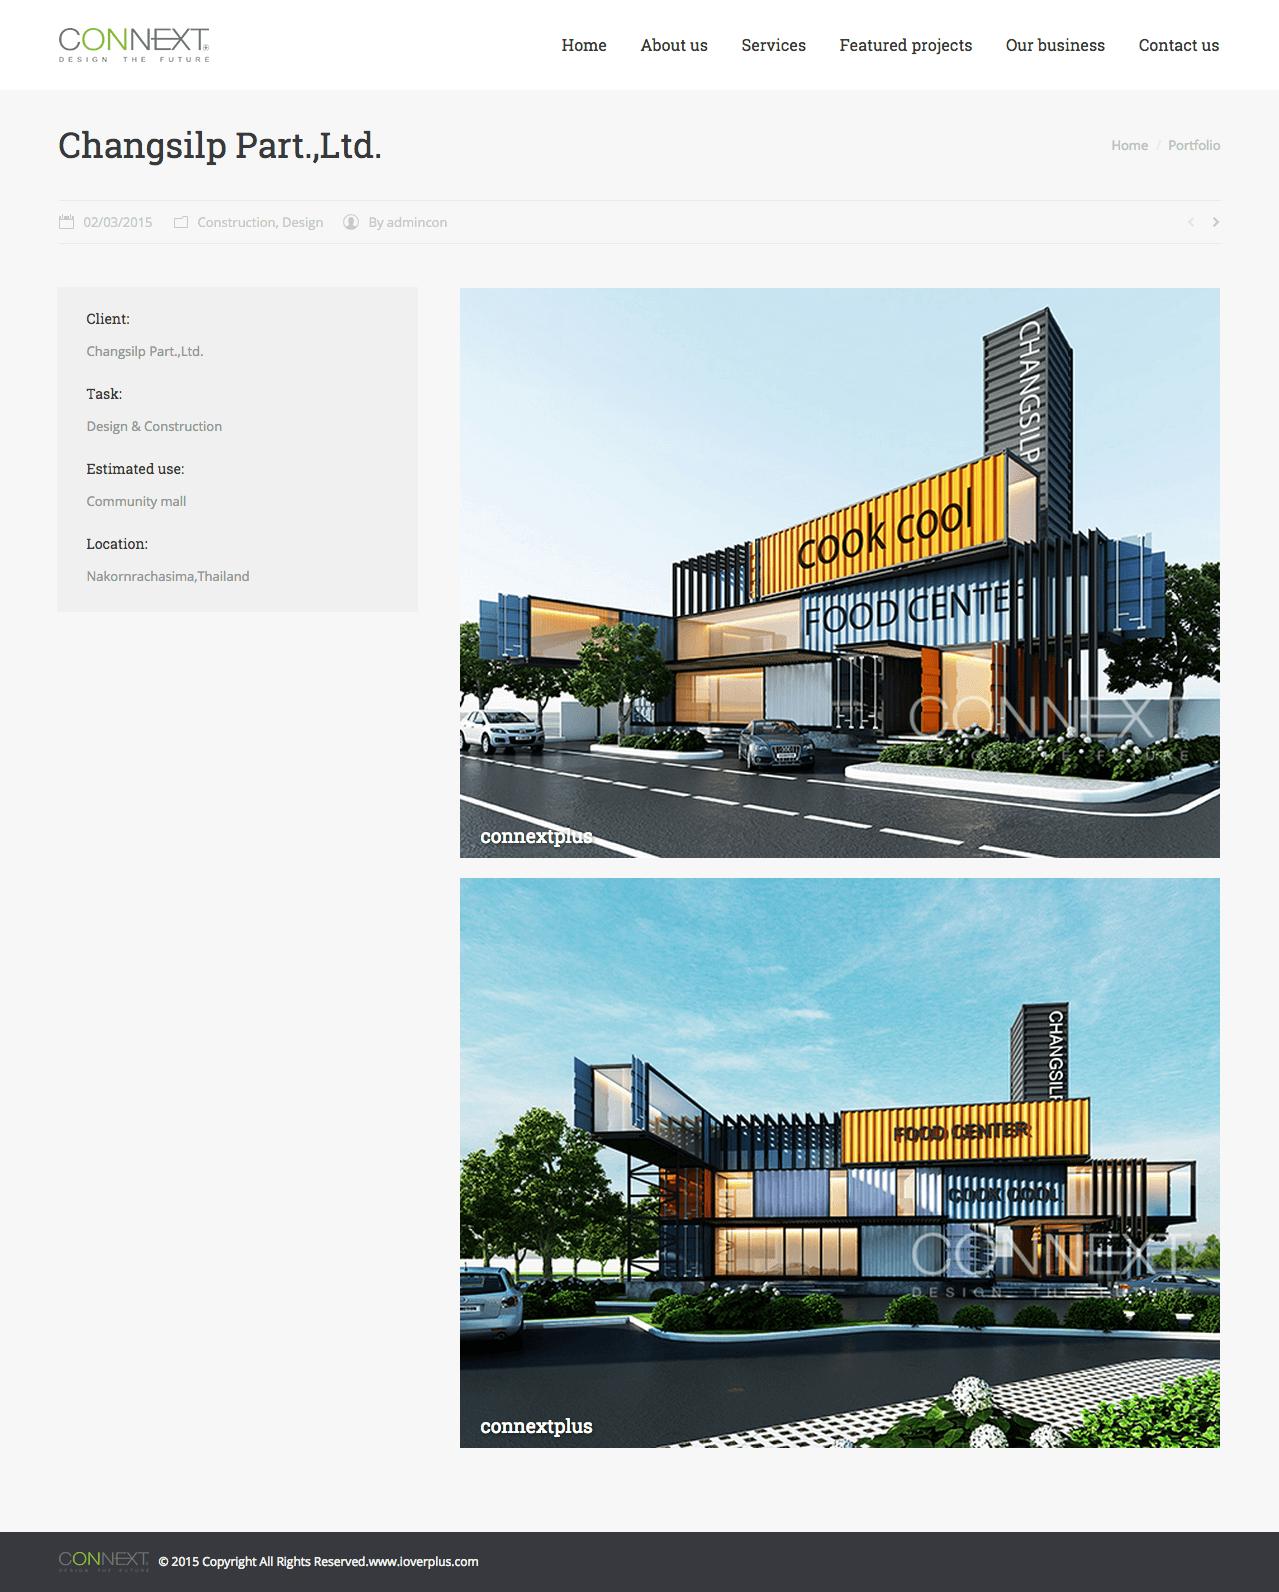 connextplus-webdesign-2